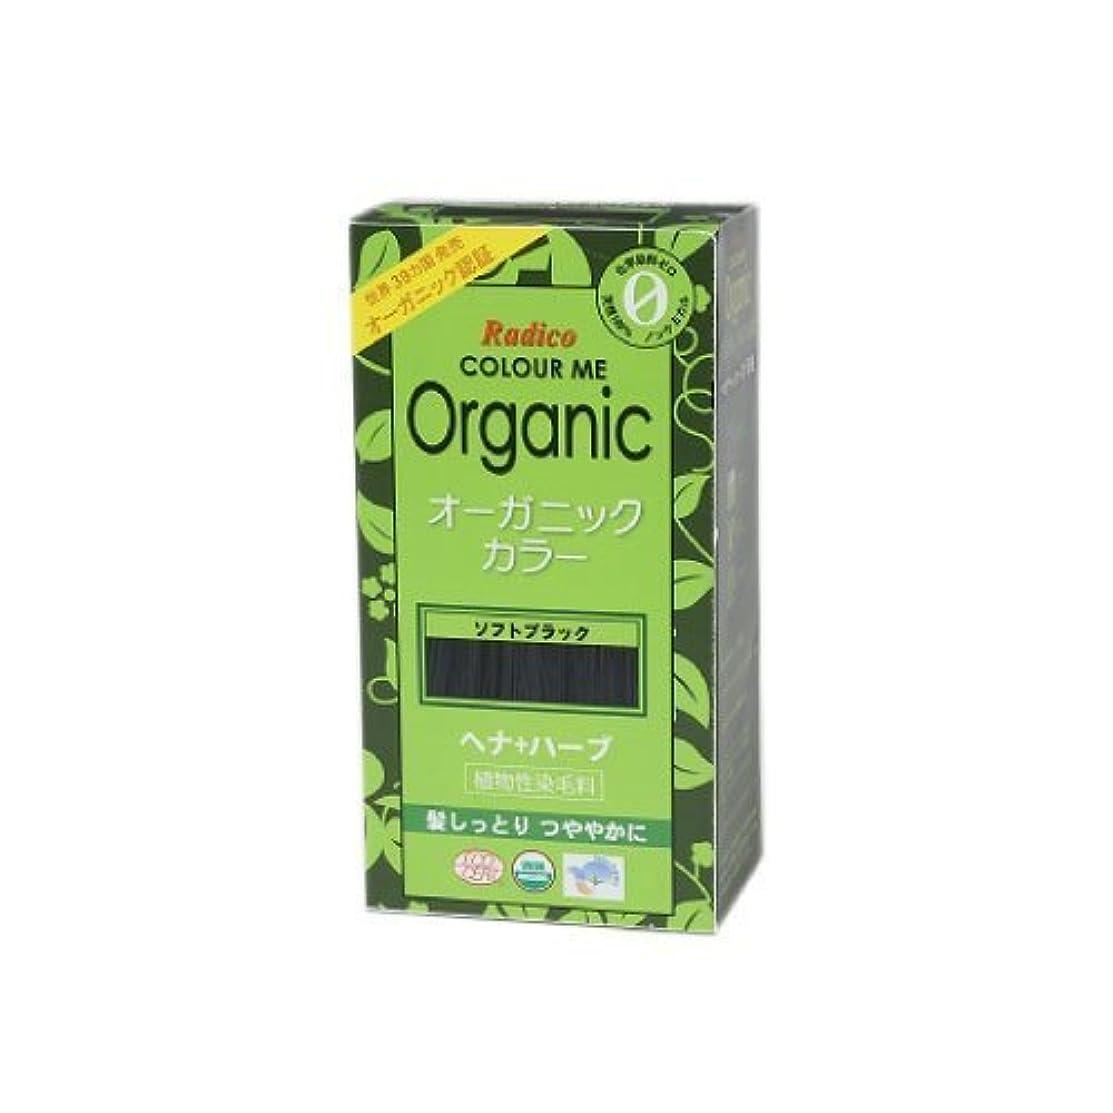 プライバシー飲み込む臨検COLOURME Organic (カラーミーオーガニック ヘナ 白髪用 髪色戻し) ソフトブラック 100g